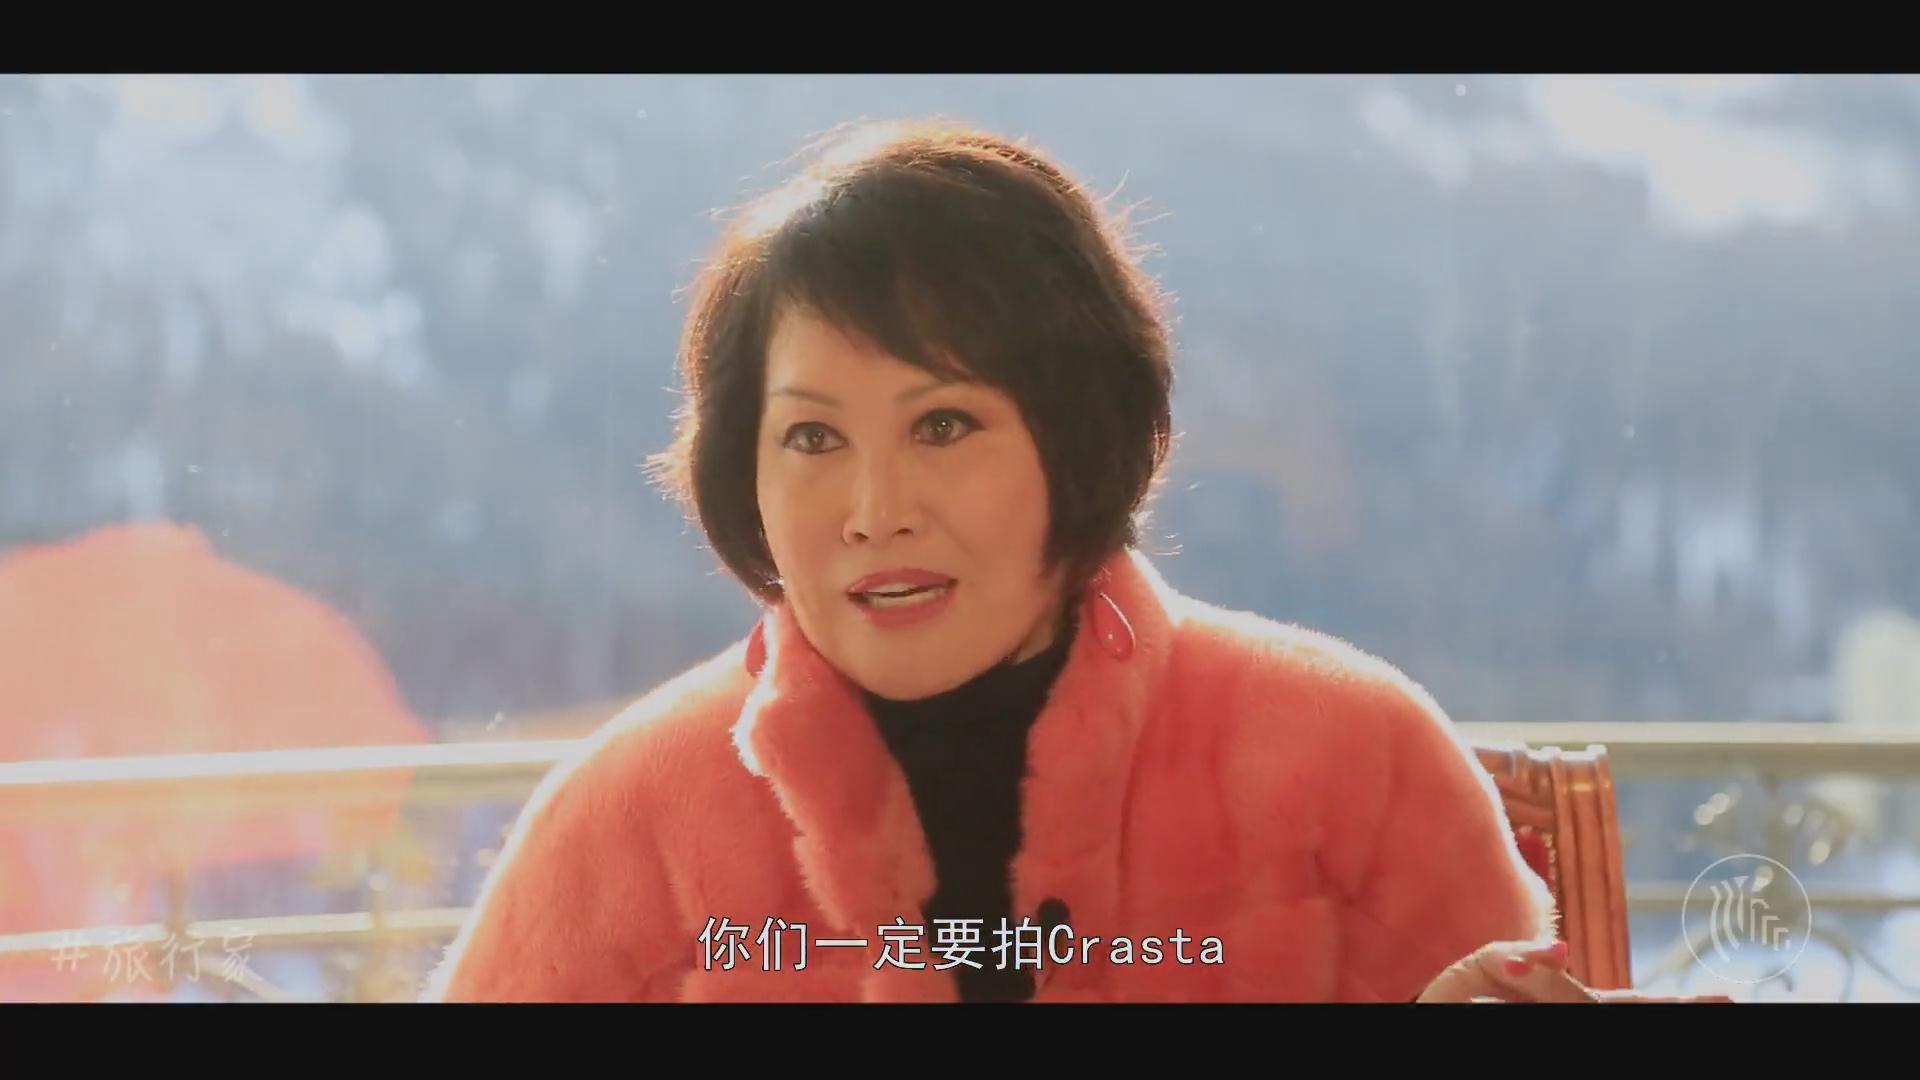 靳羽西:滑雪季,世界富豪们都去哪里玩?